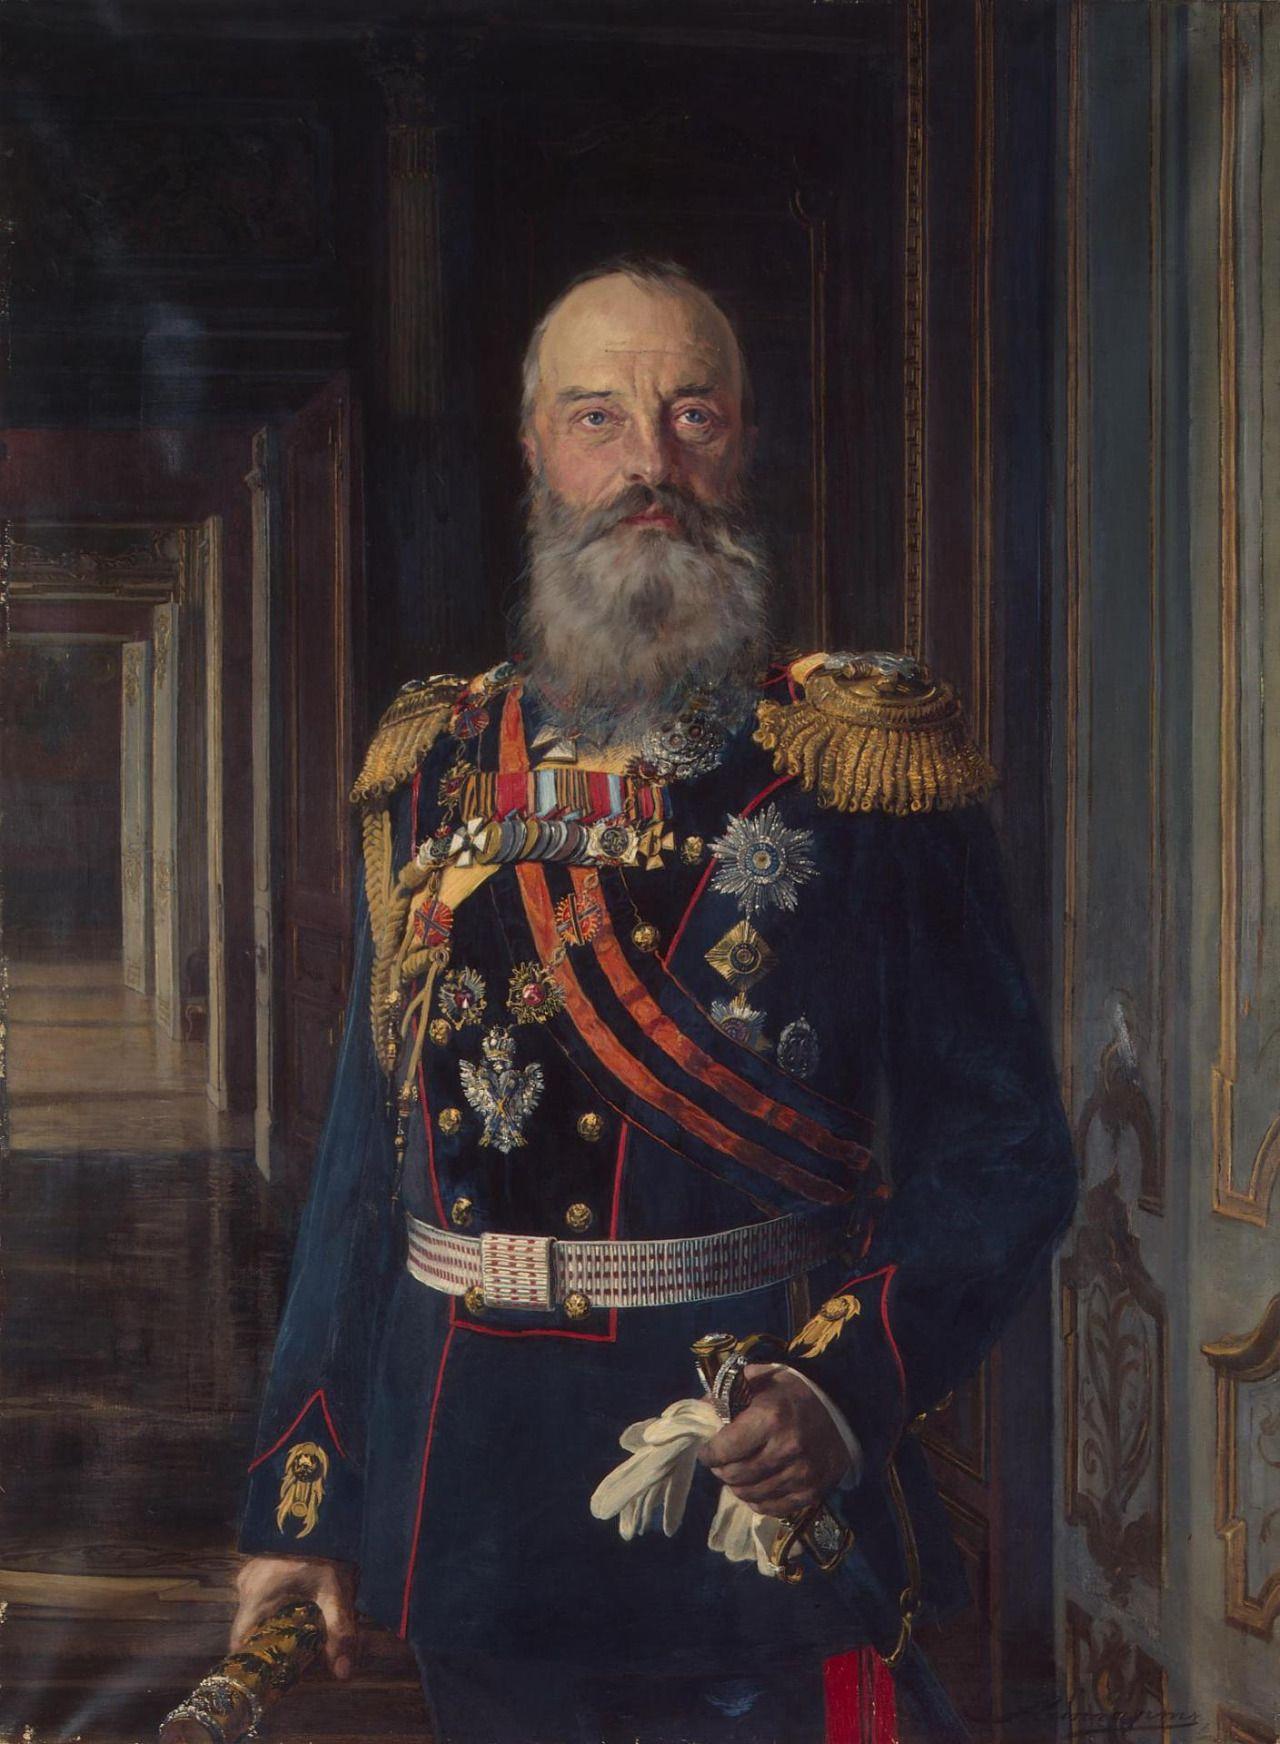 Portrait of Grand Duke Mikhail Nikolaevich Romanov of Russia in the 1910s.A♥W